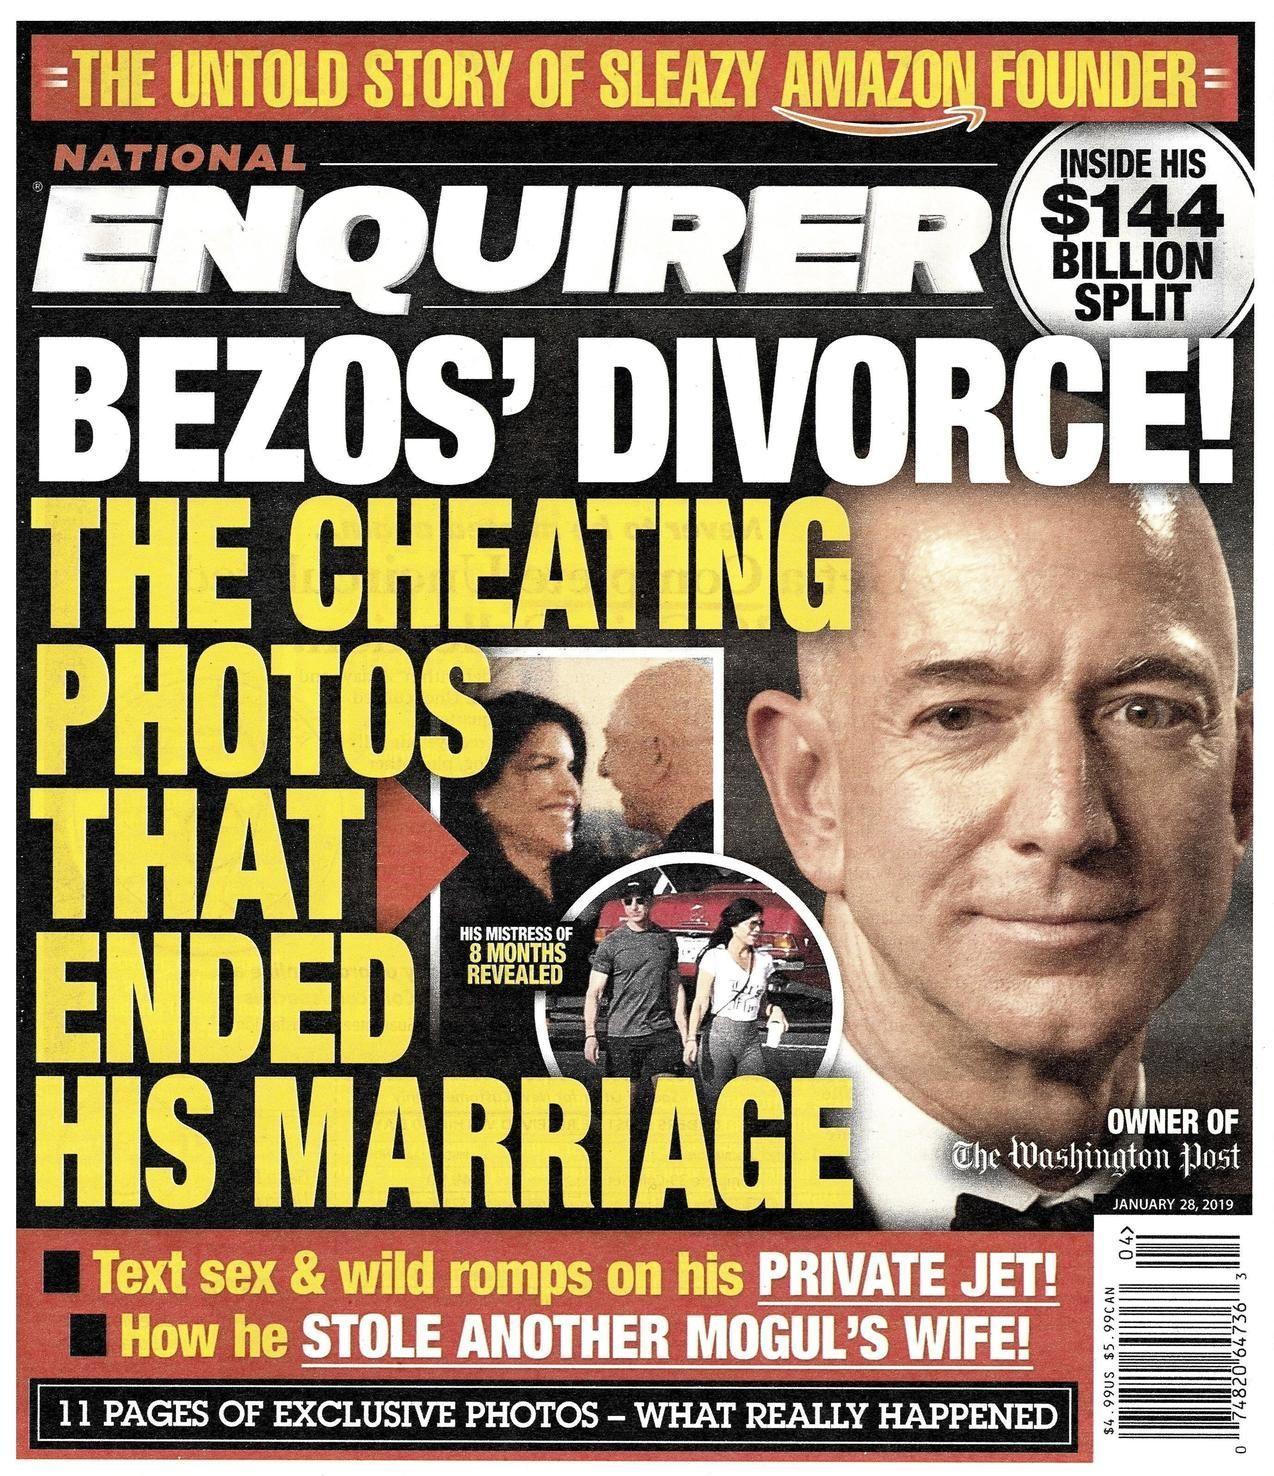 谁把贝索斯裸照卖小报?他情人的哥哥,赚了20万美元